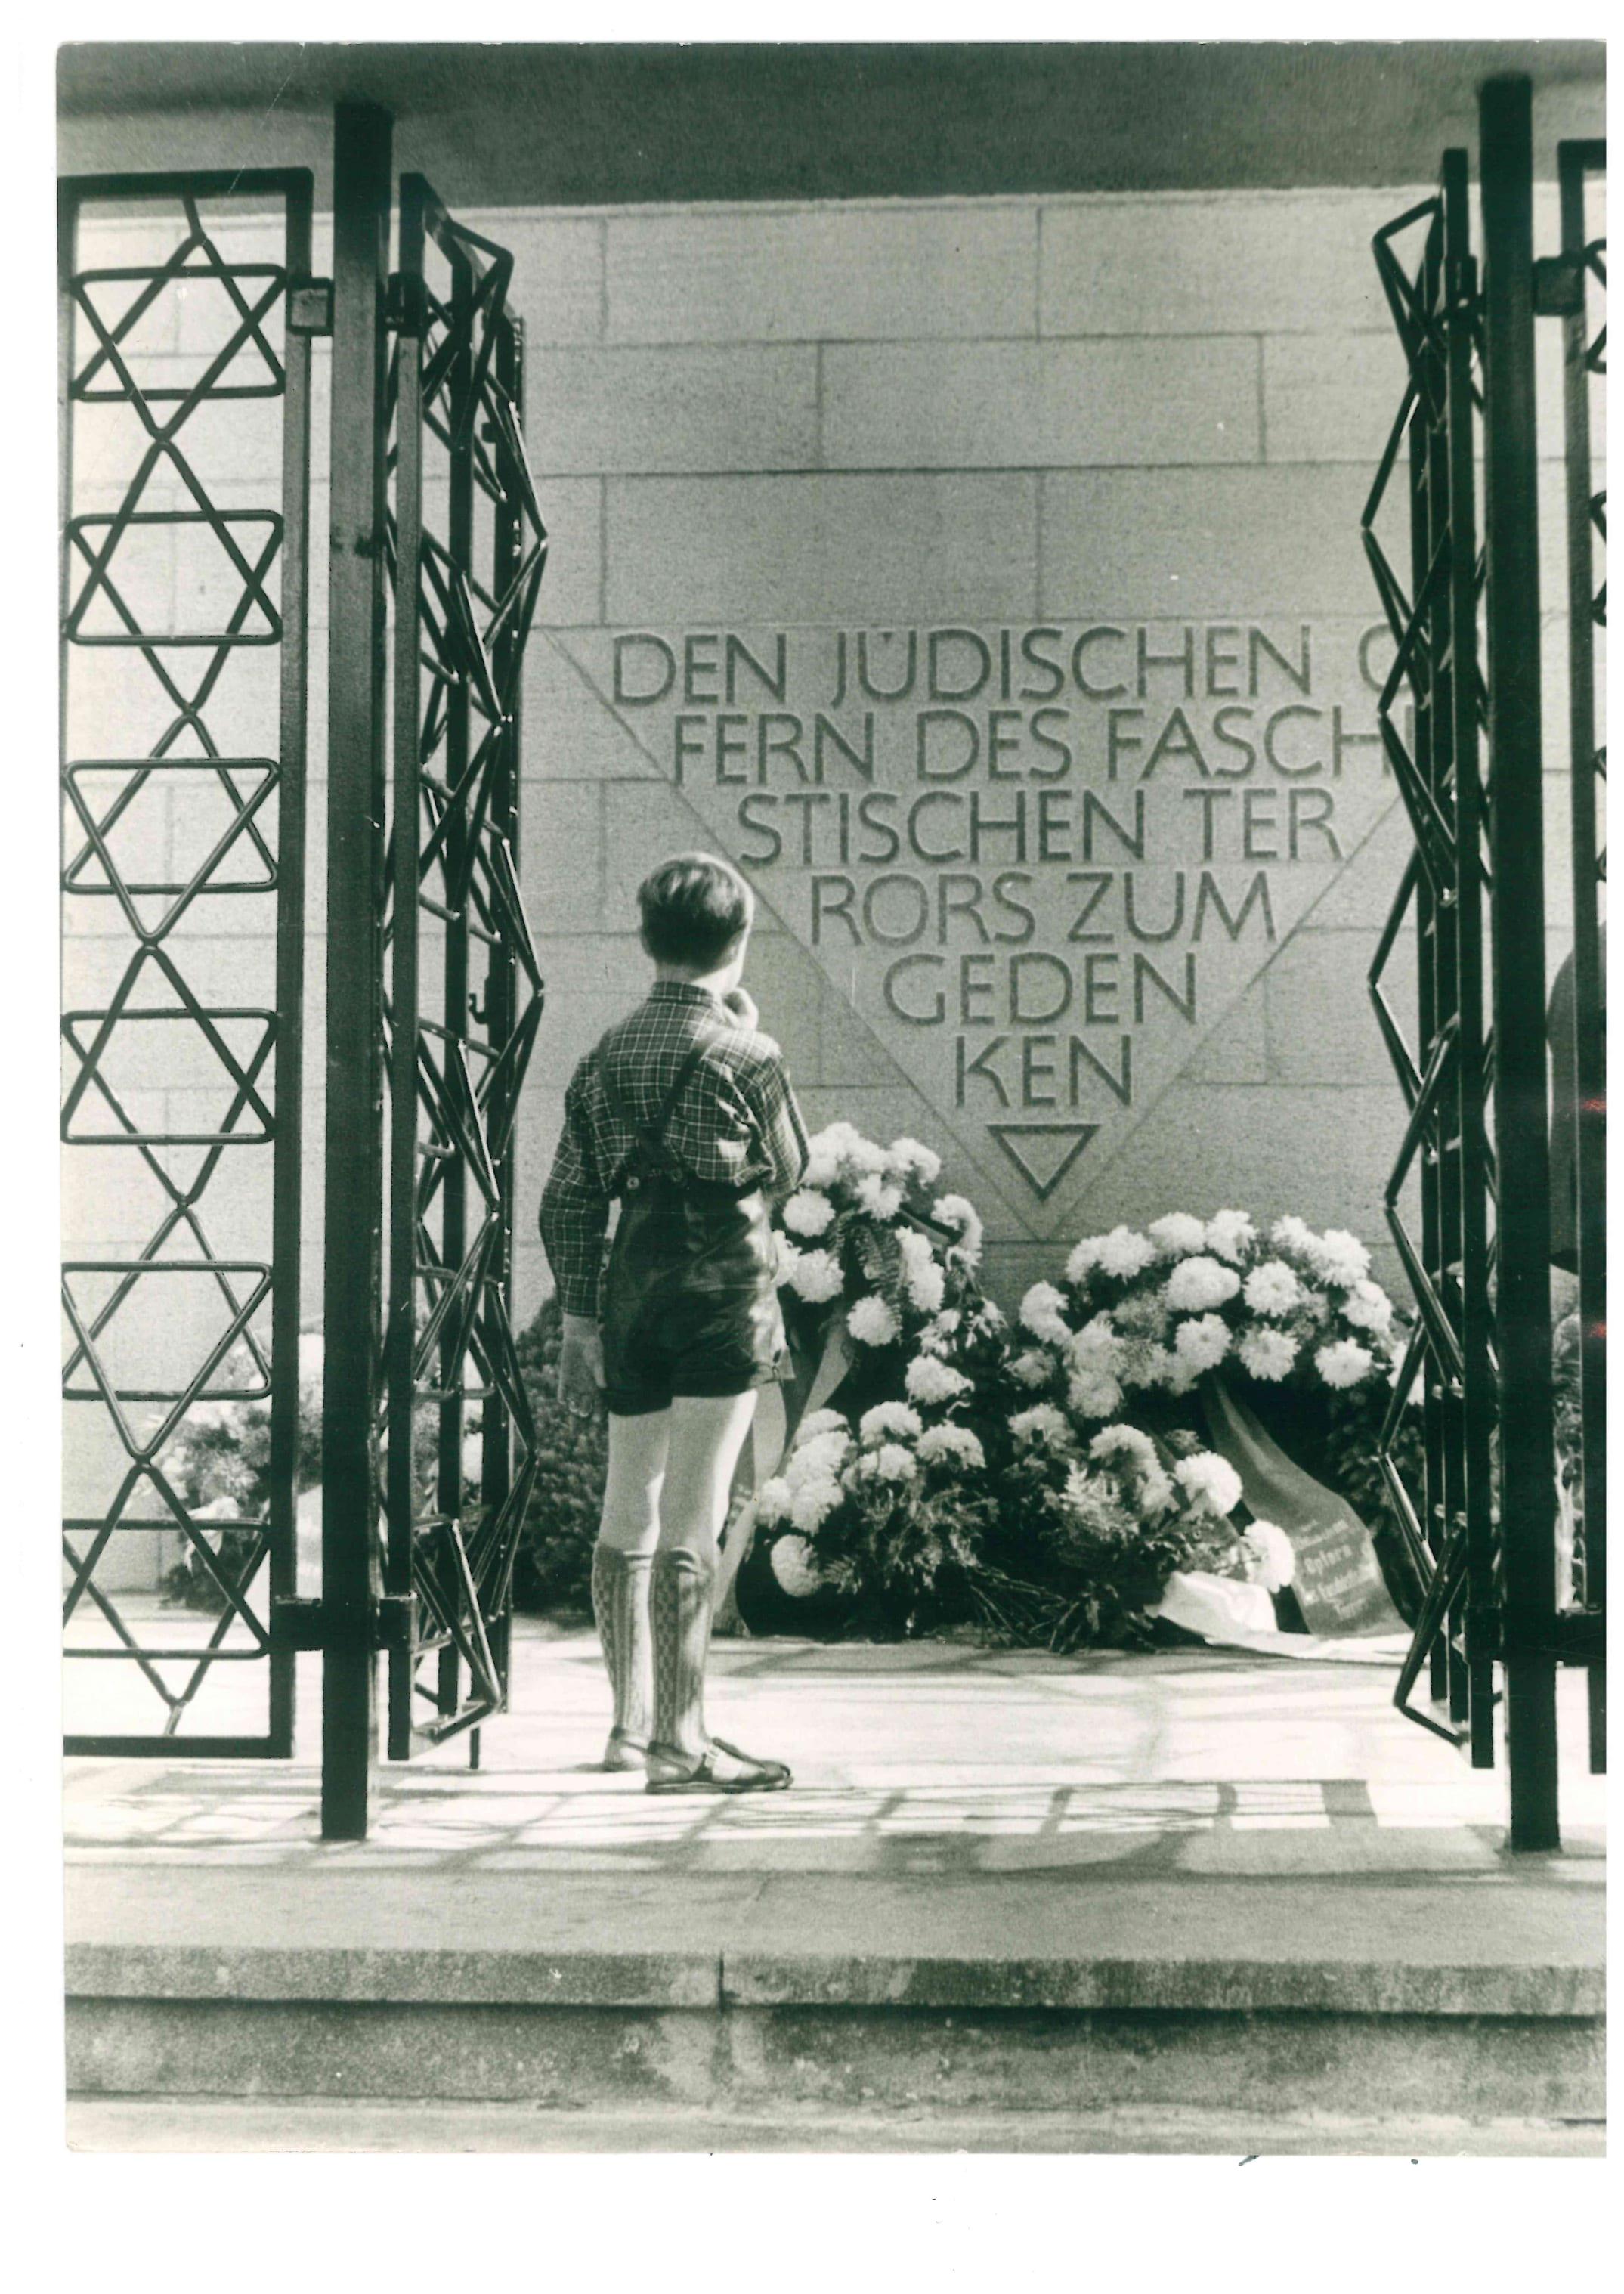 Jewish memorial 1965